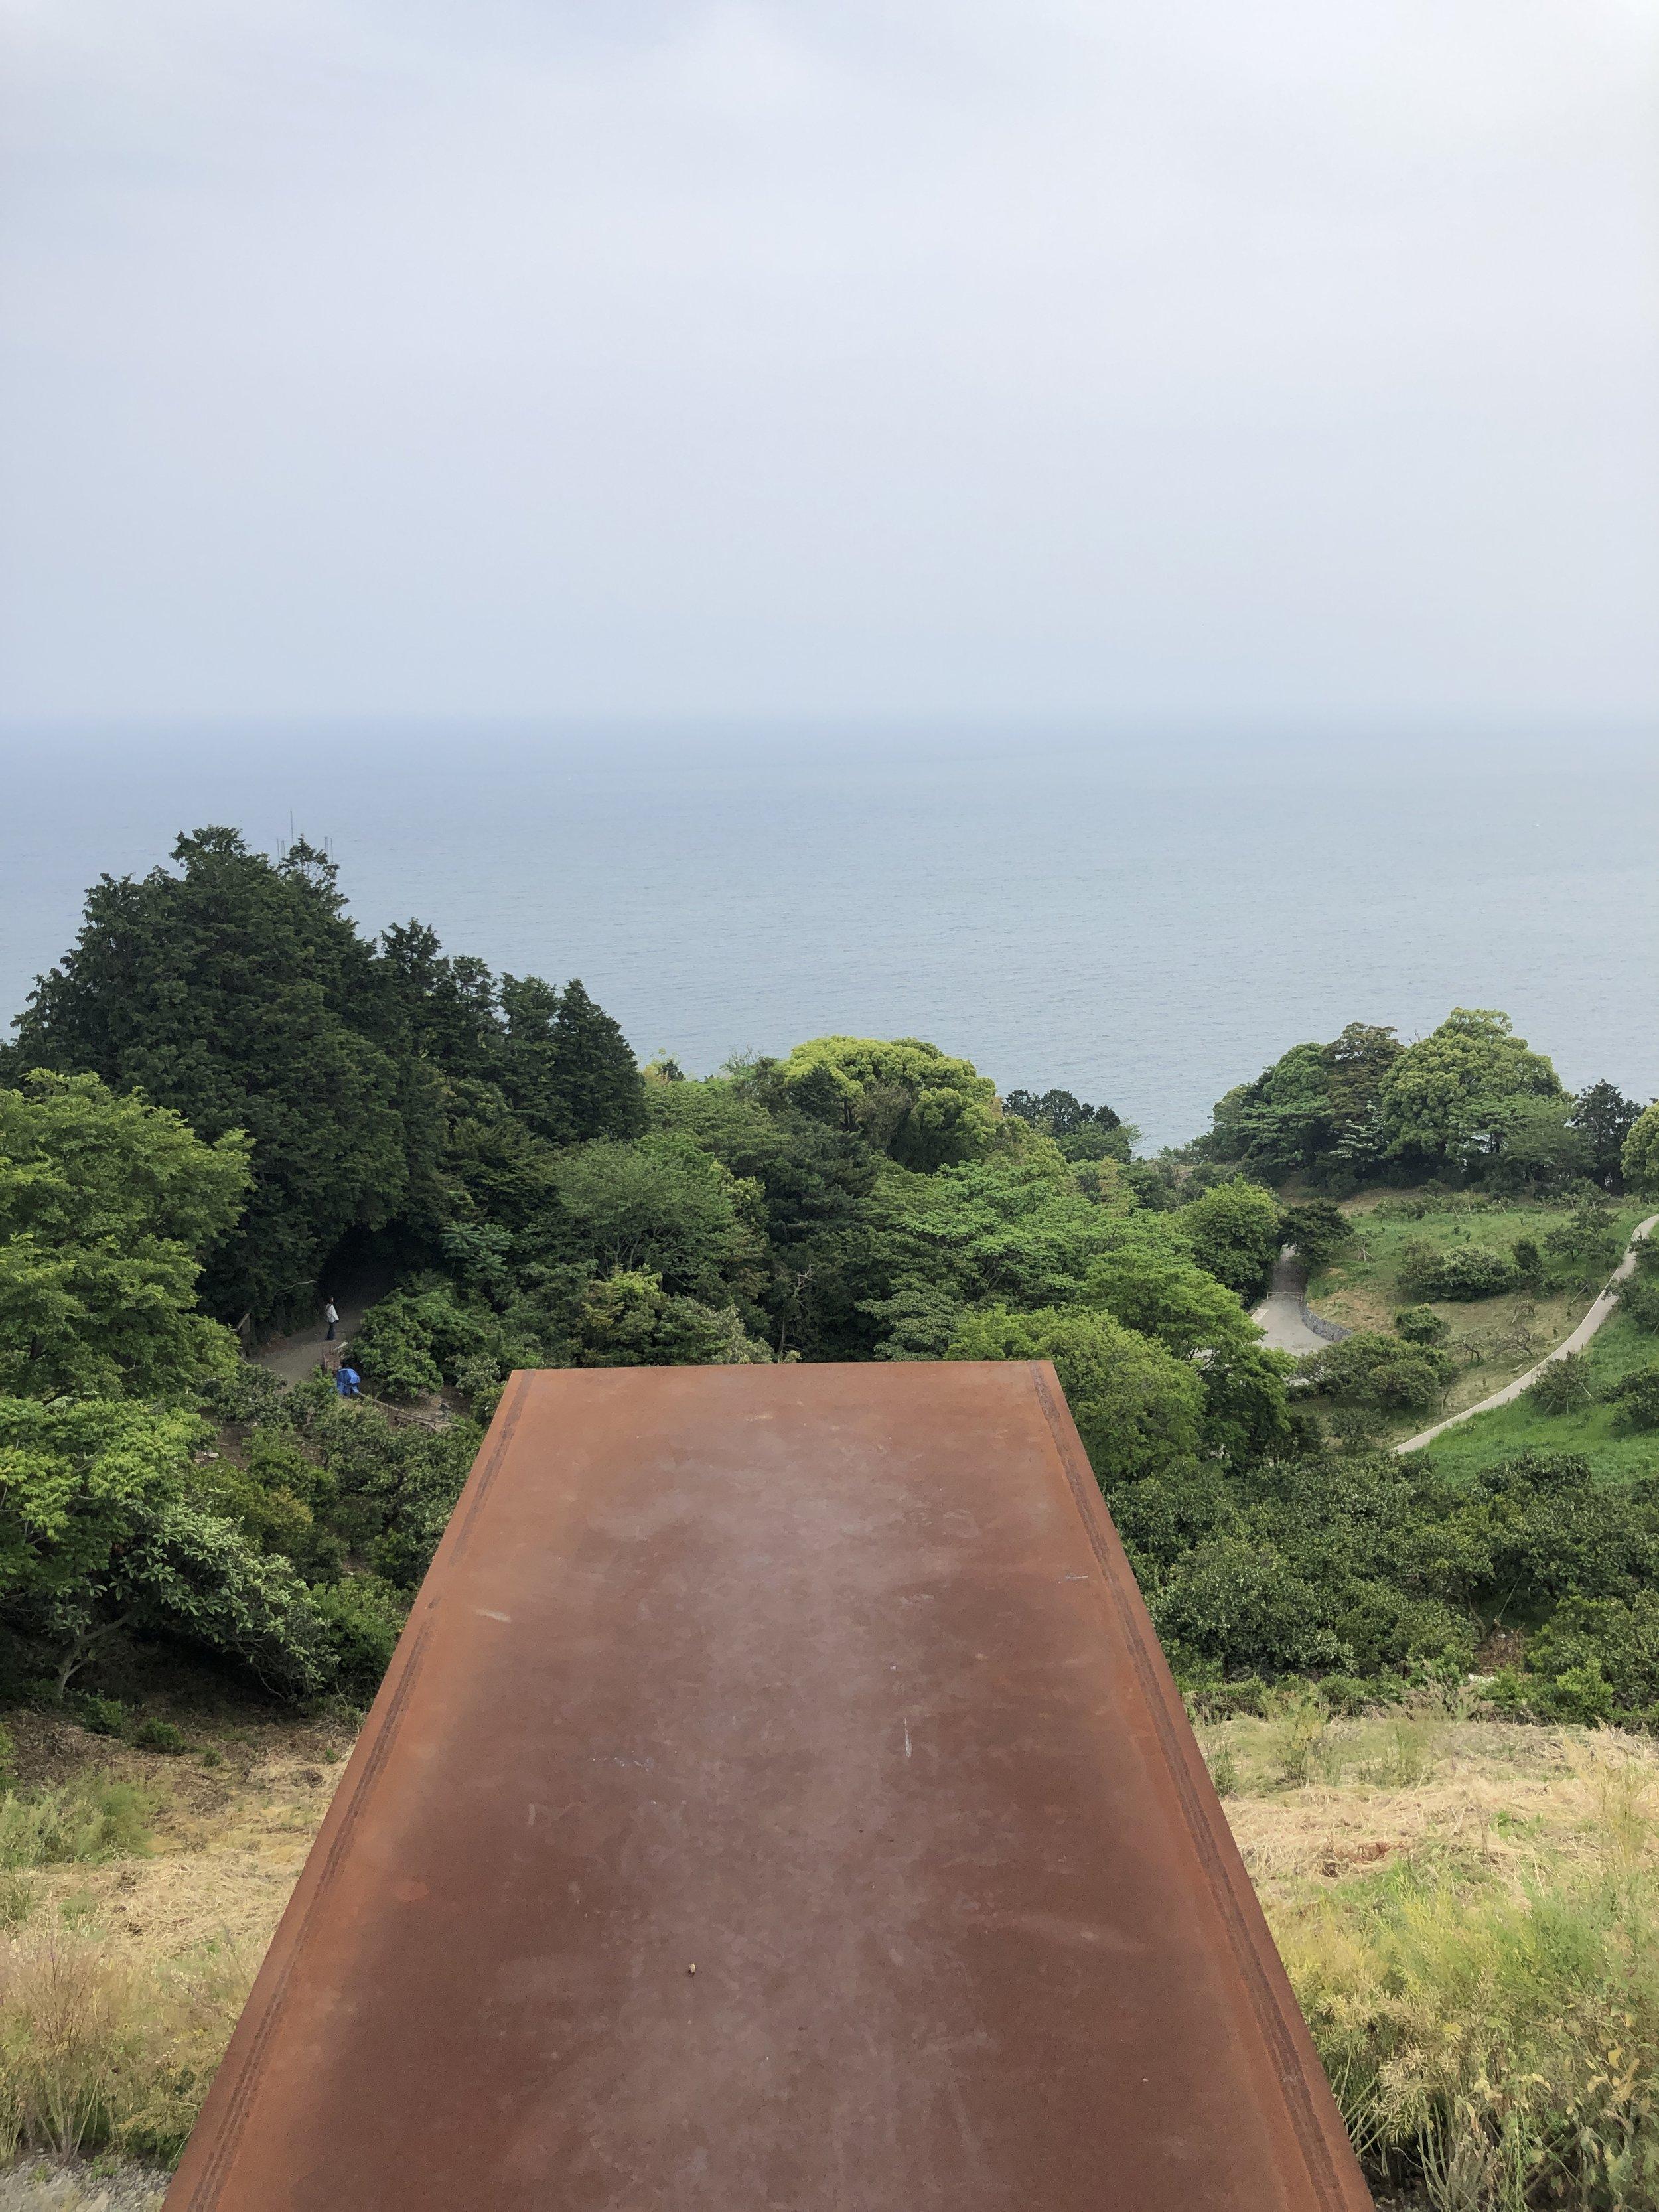 Jutting into mid-air - Enoura Obervatory (Odawara)